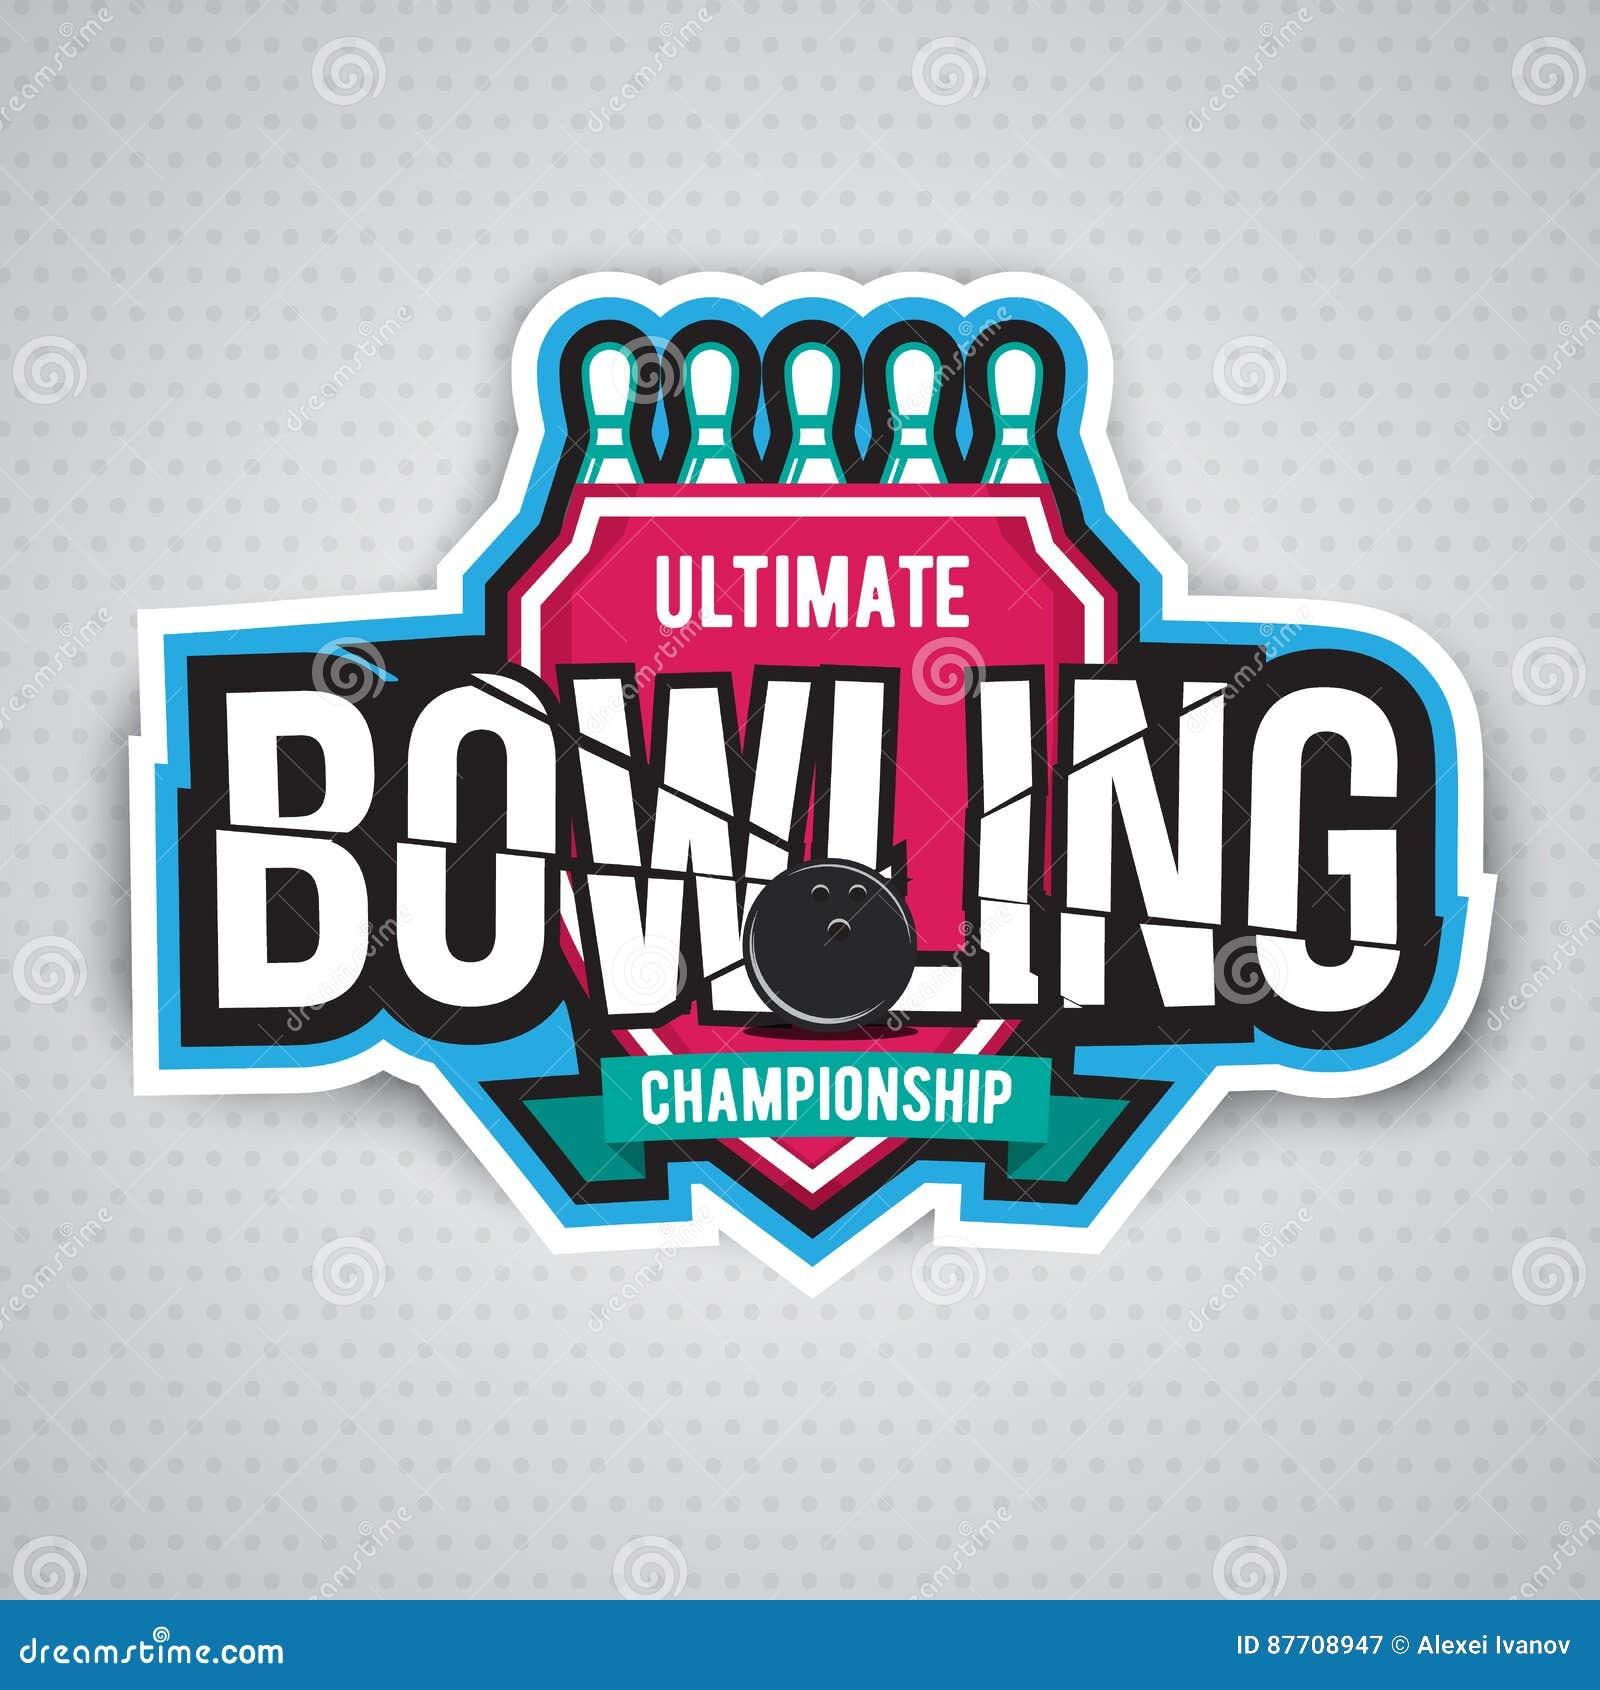 Conception finale de logo de chanpionship de bowling